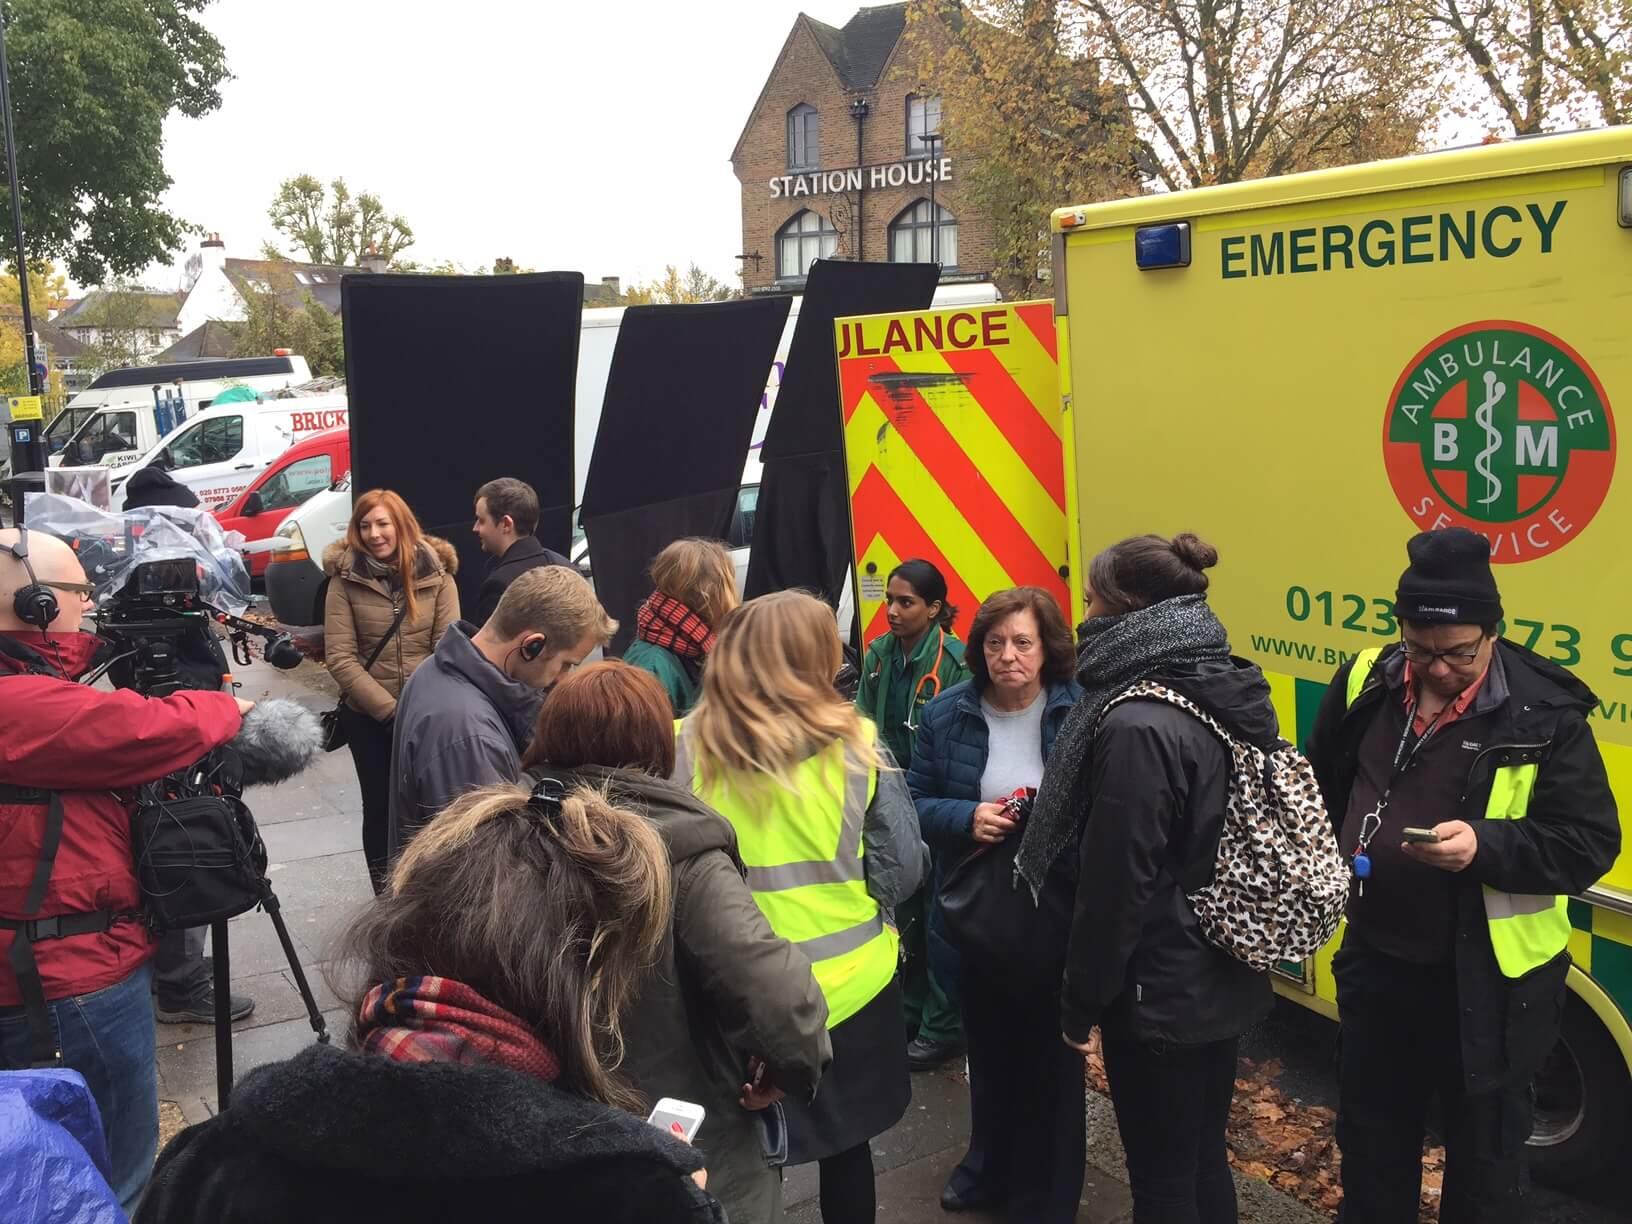 Film Set Filming Ambulance Hire